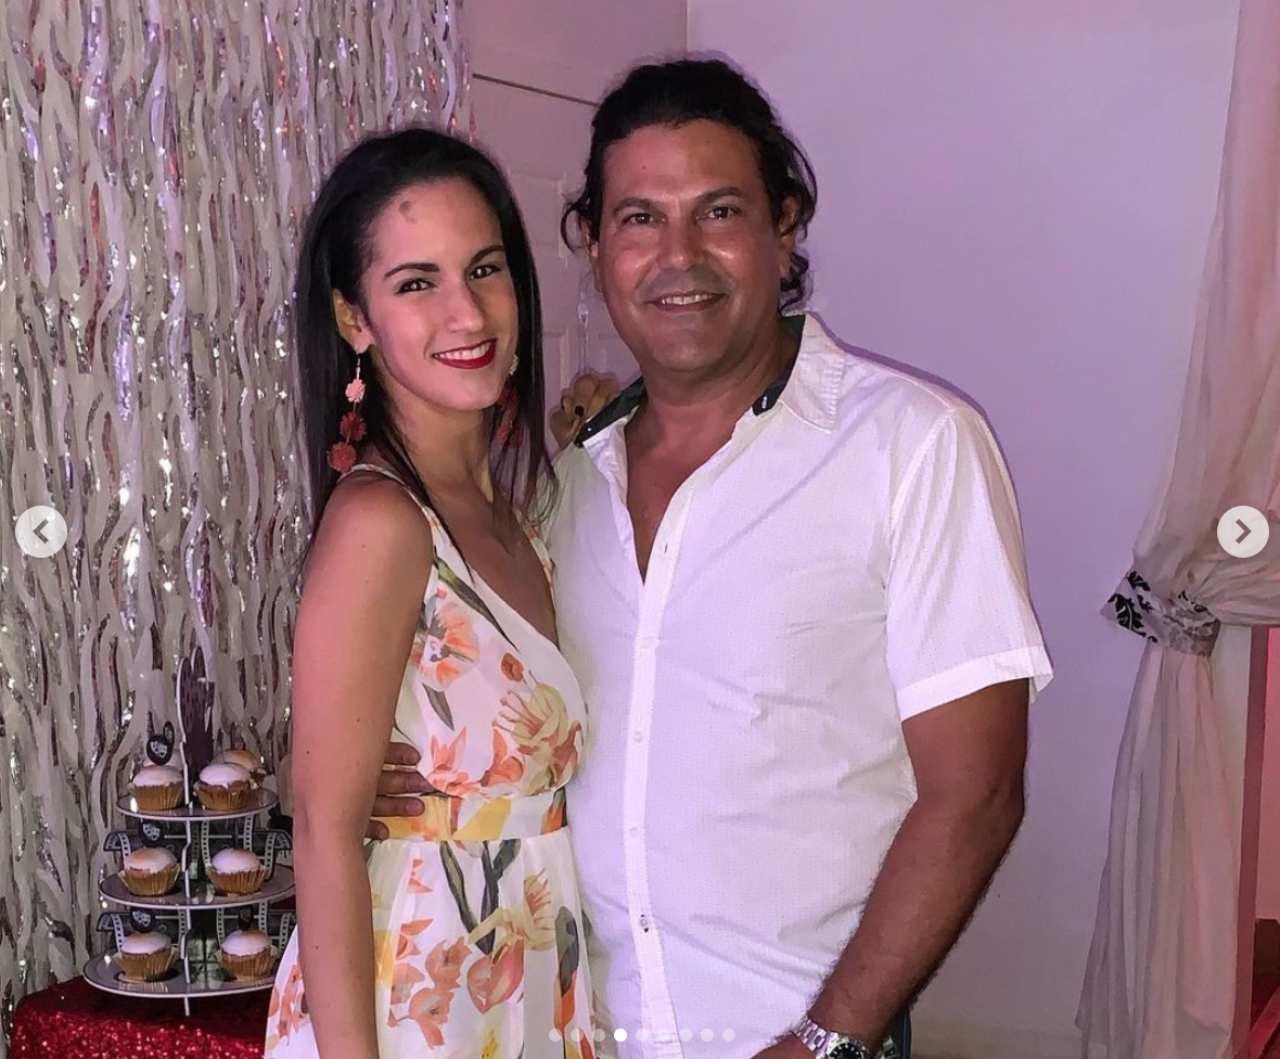 Francisco Gattorno se compromete con su novia en vivo